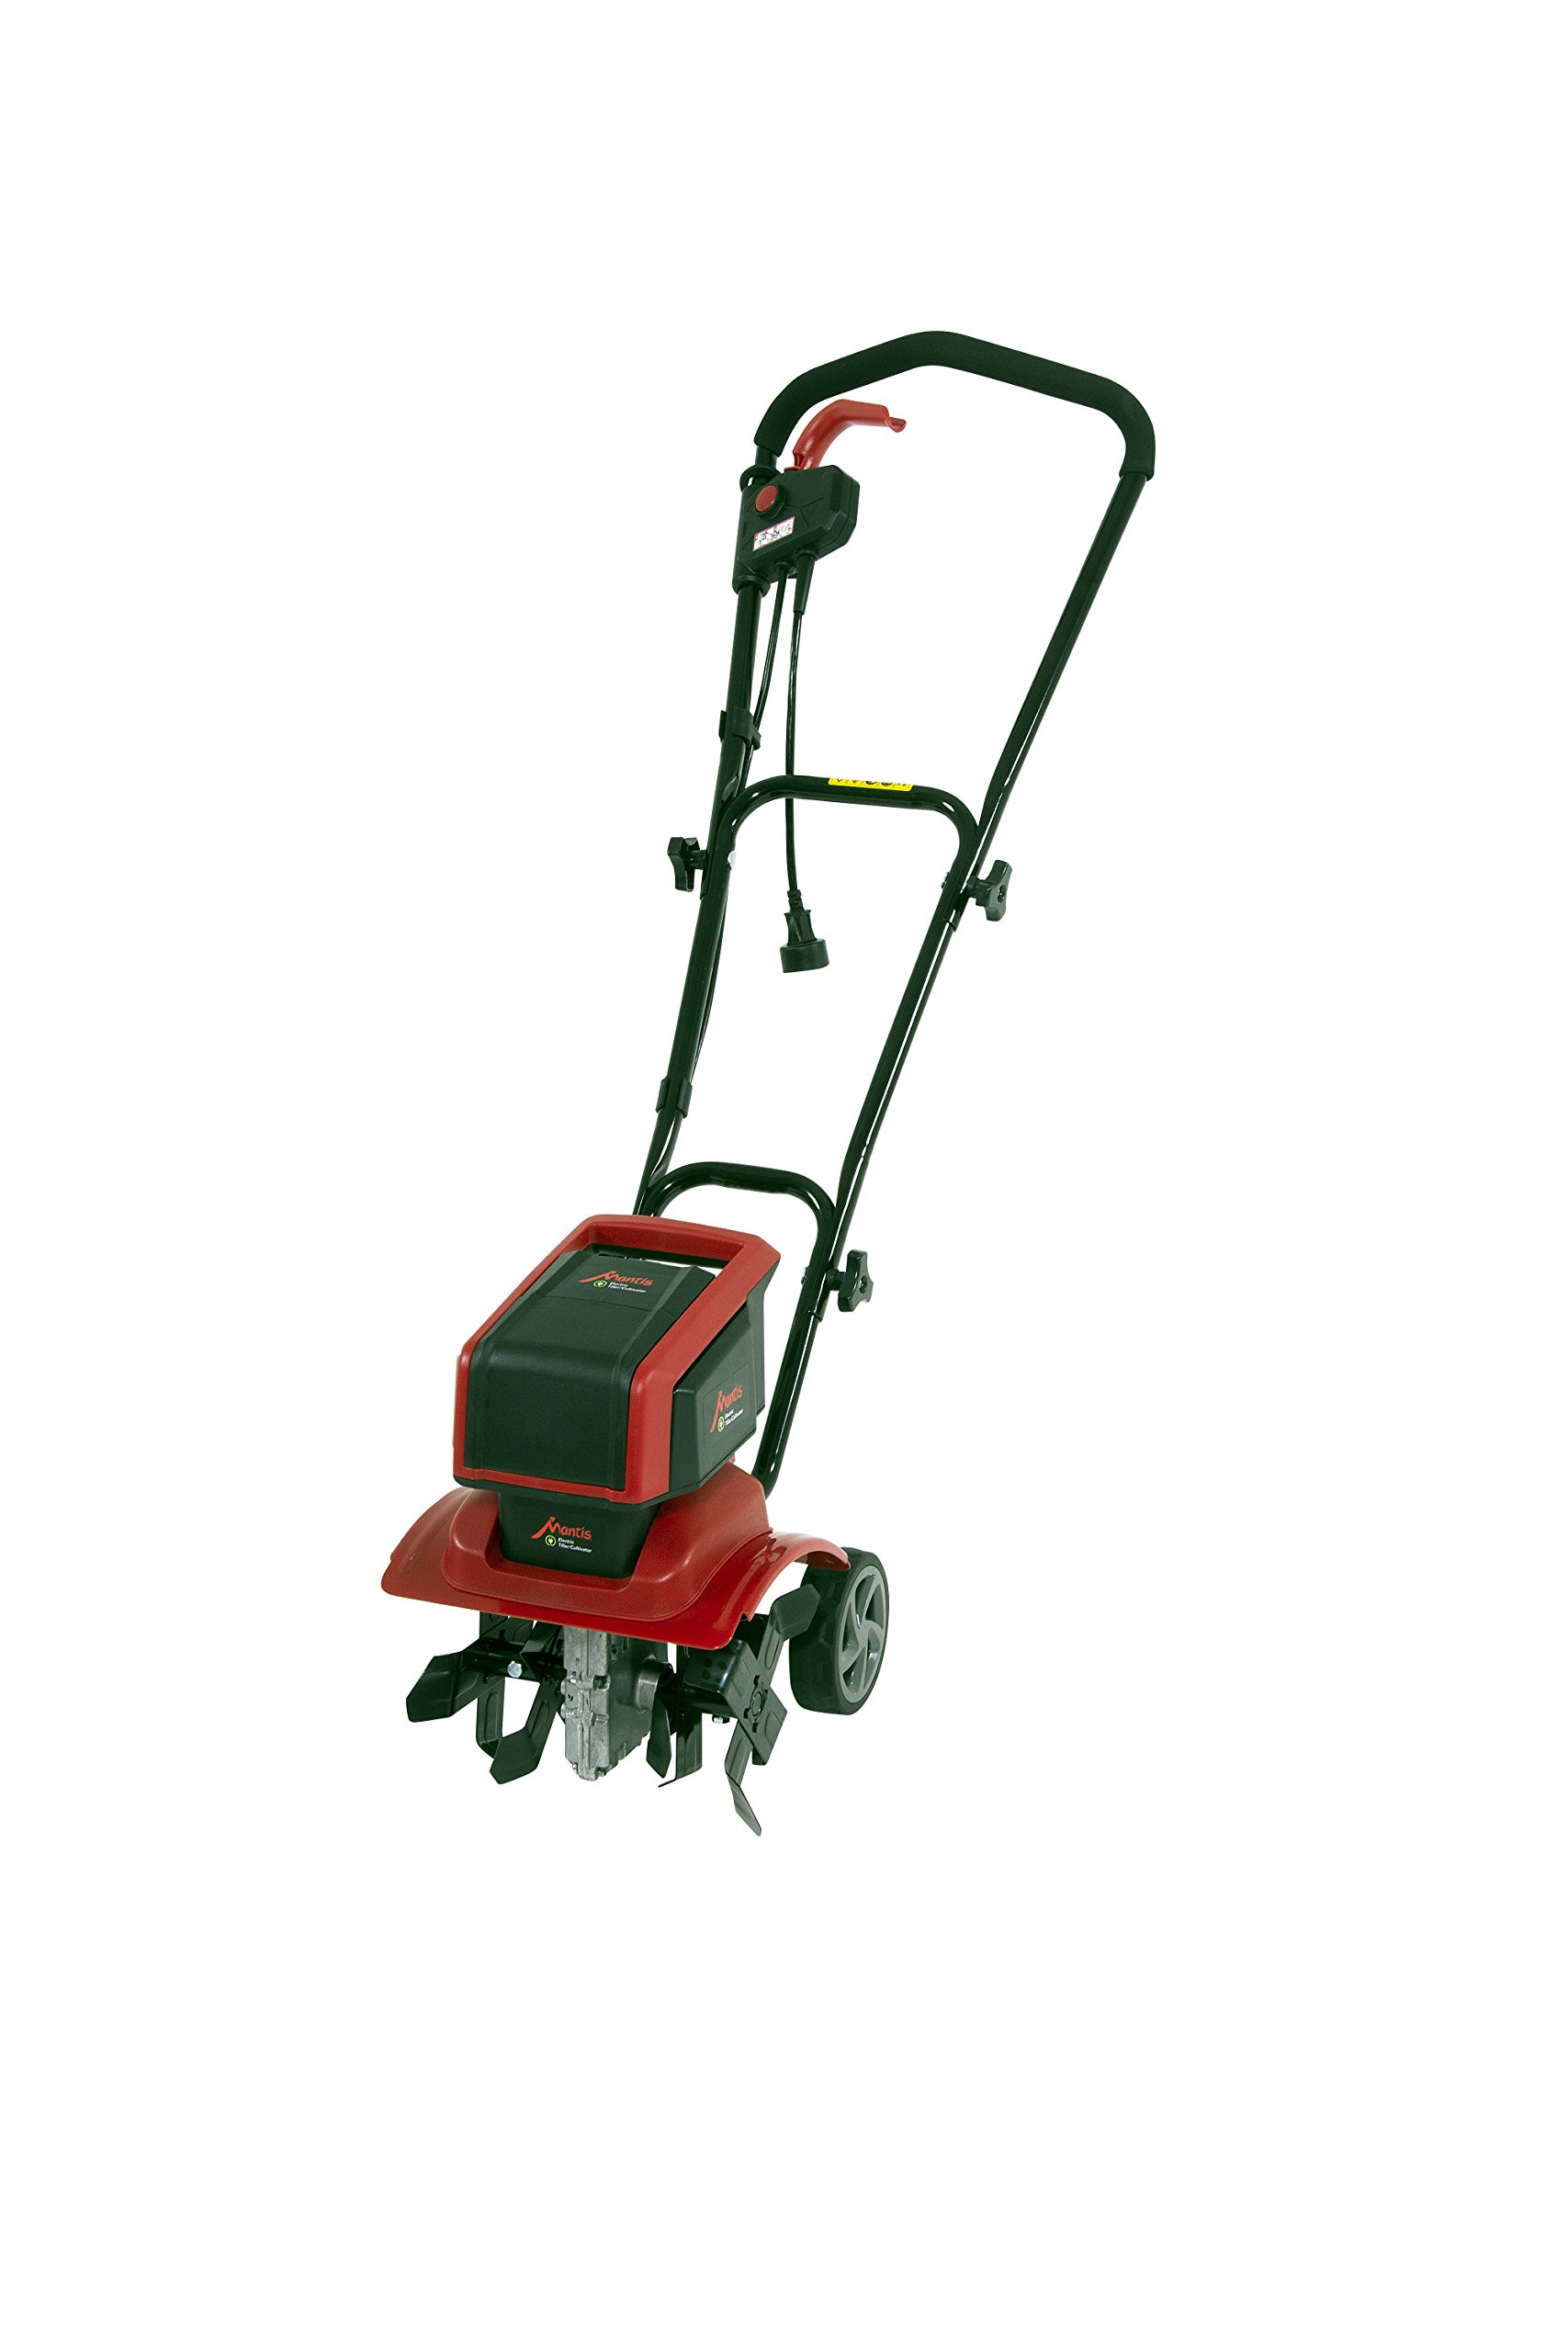 Mantis 3550 Electric Tiller Cultivator